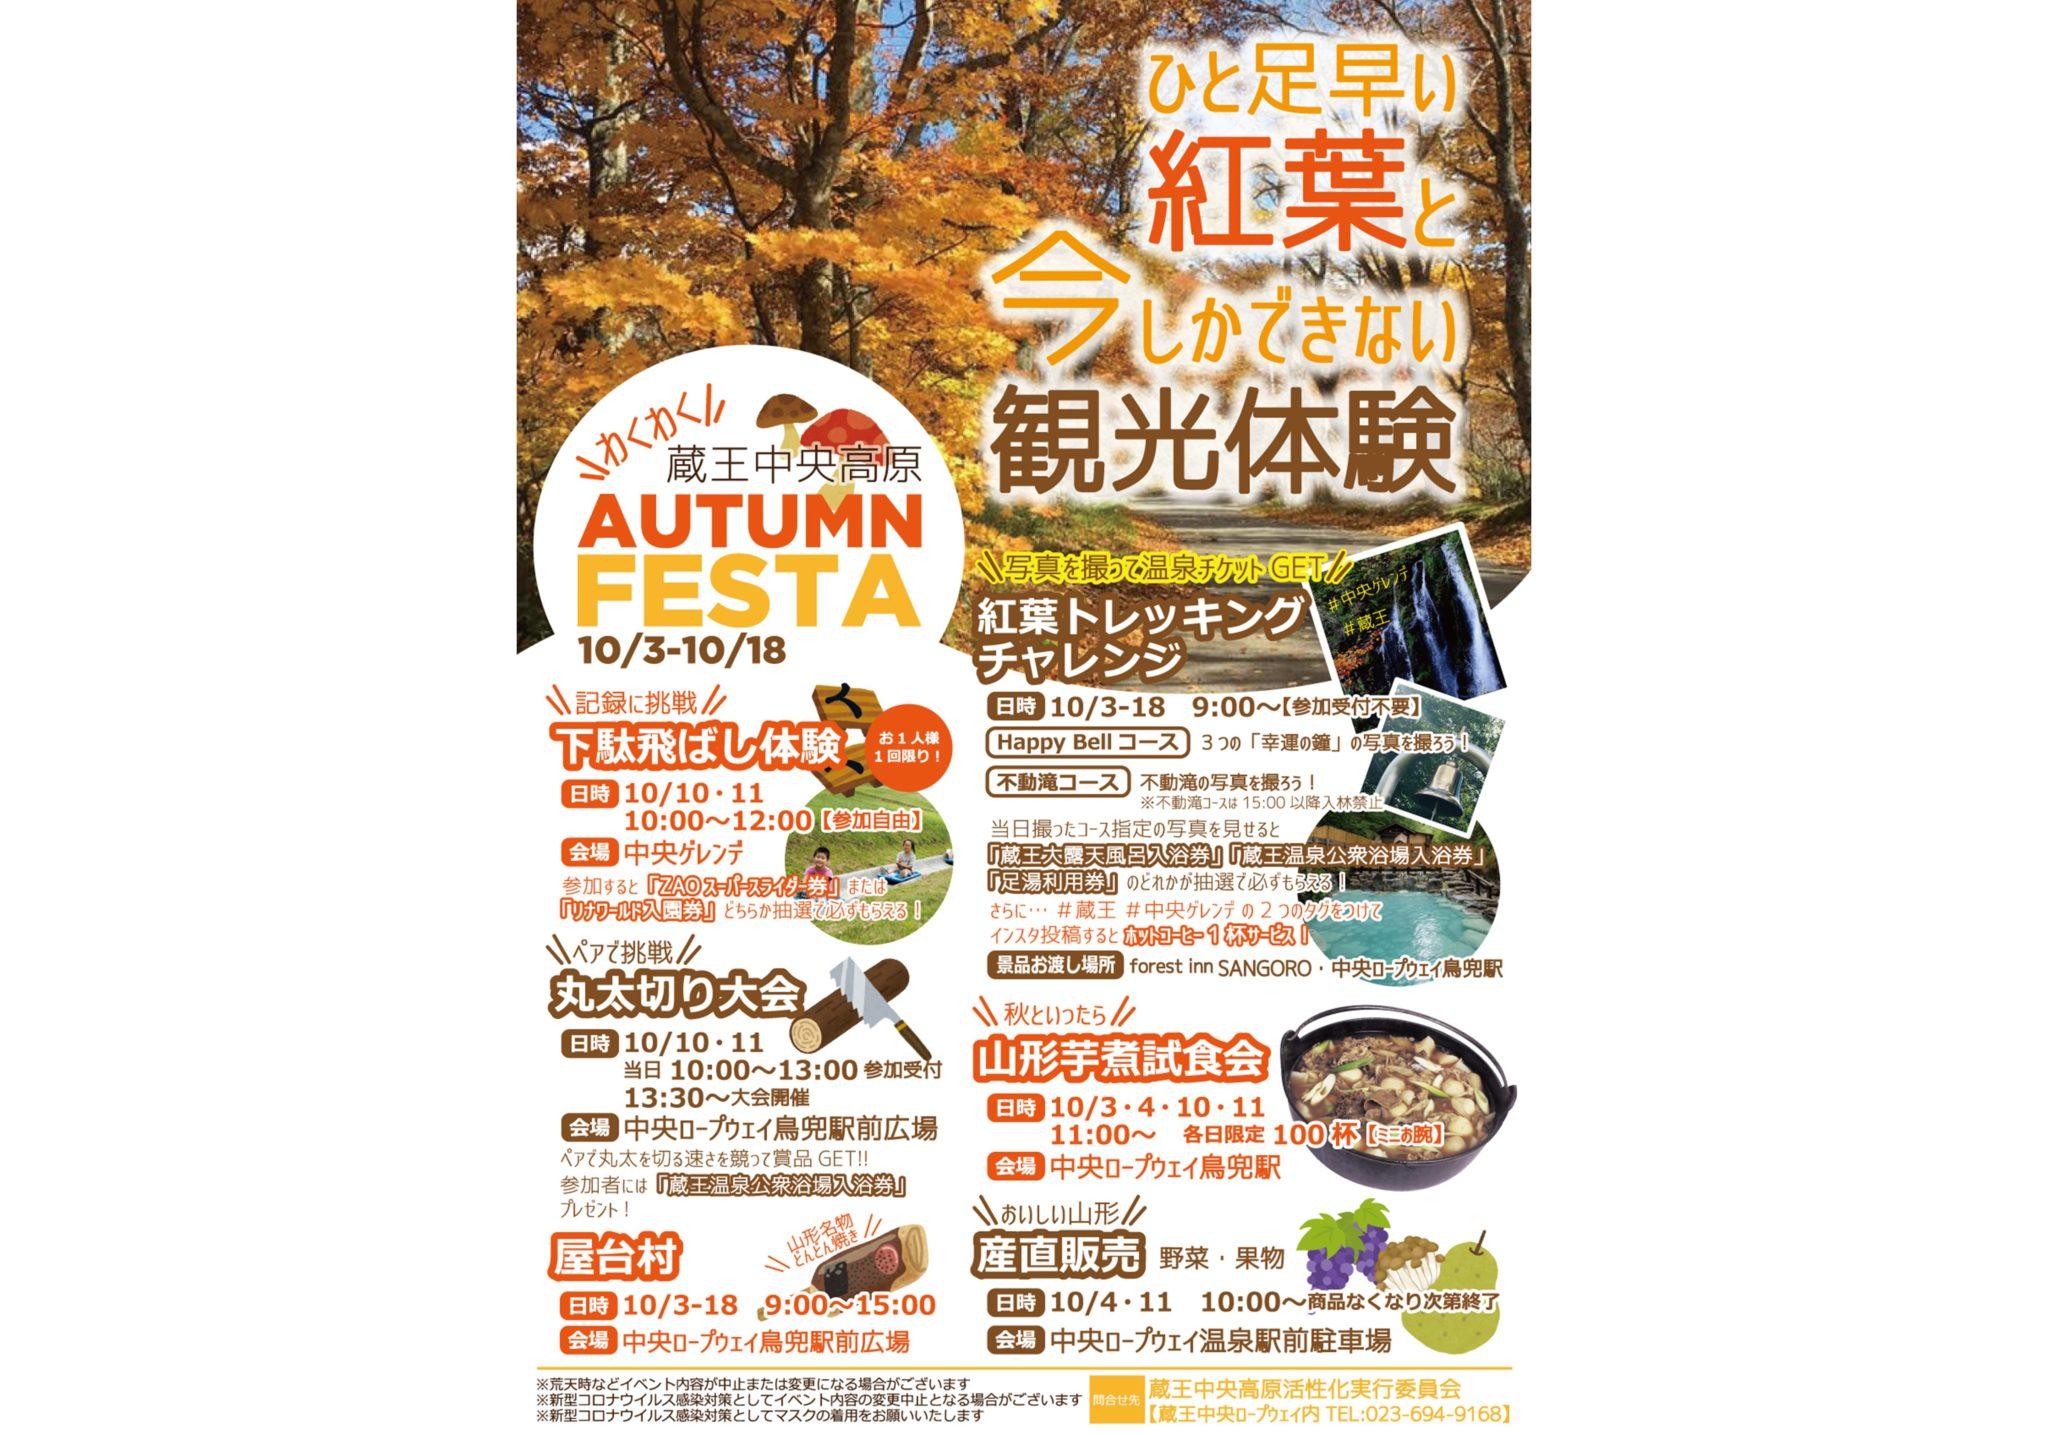 蔵王中央高原 AUTUMN FESTA 2020年